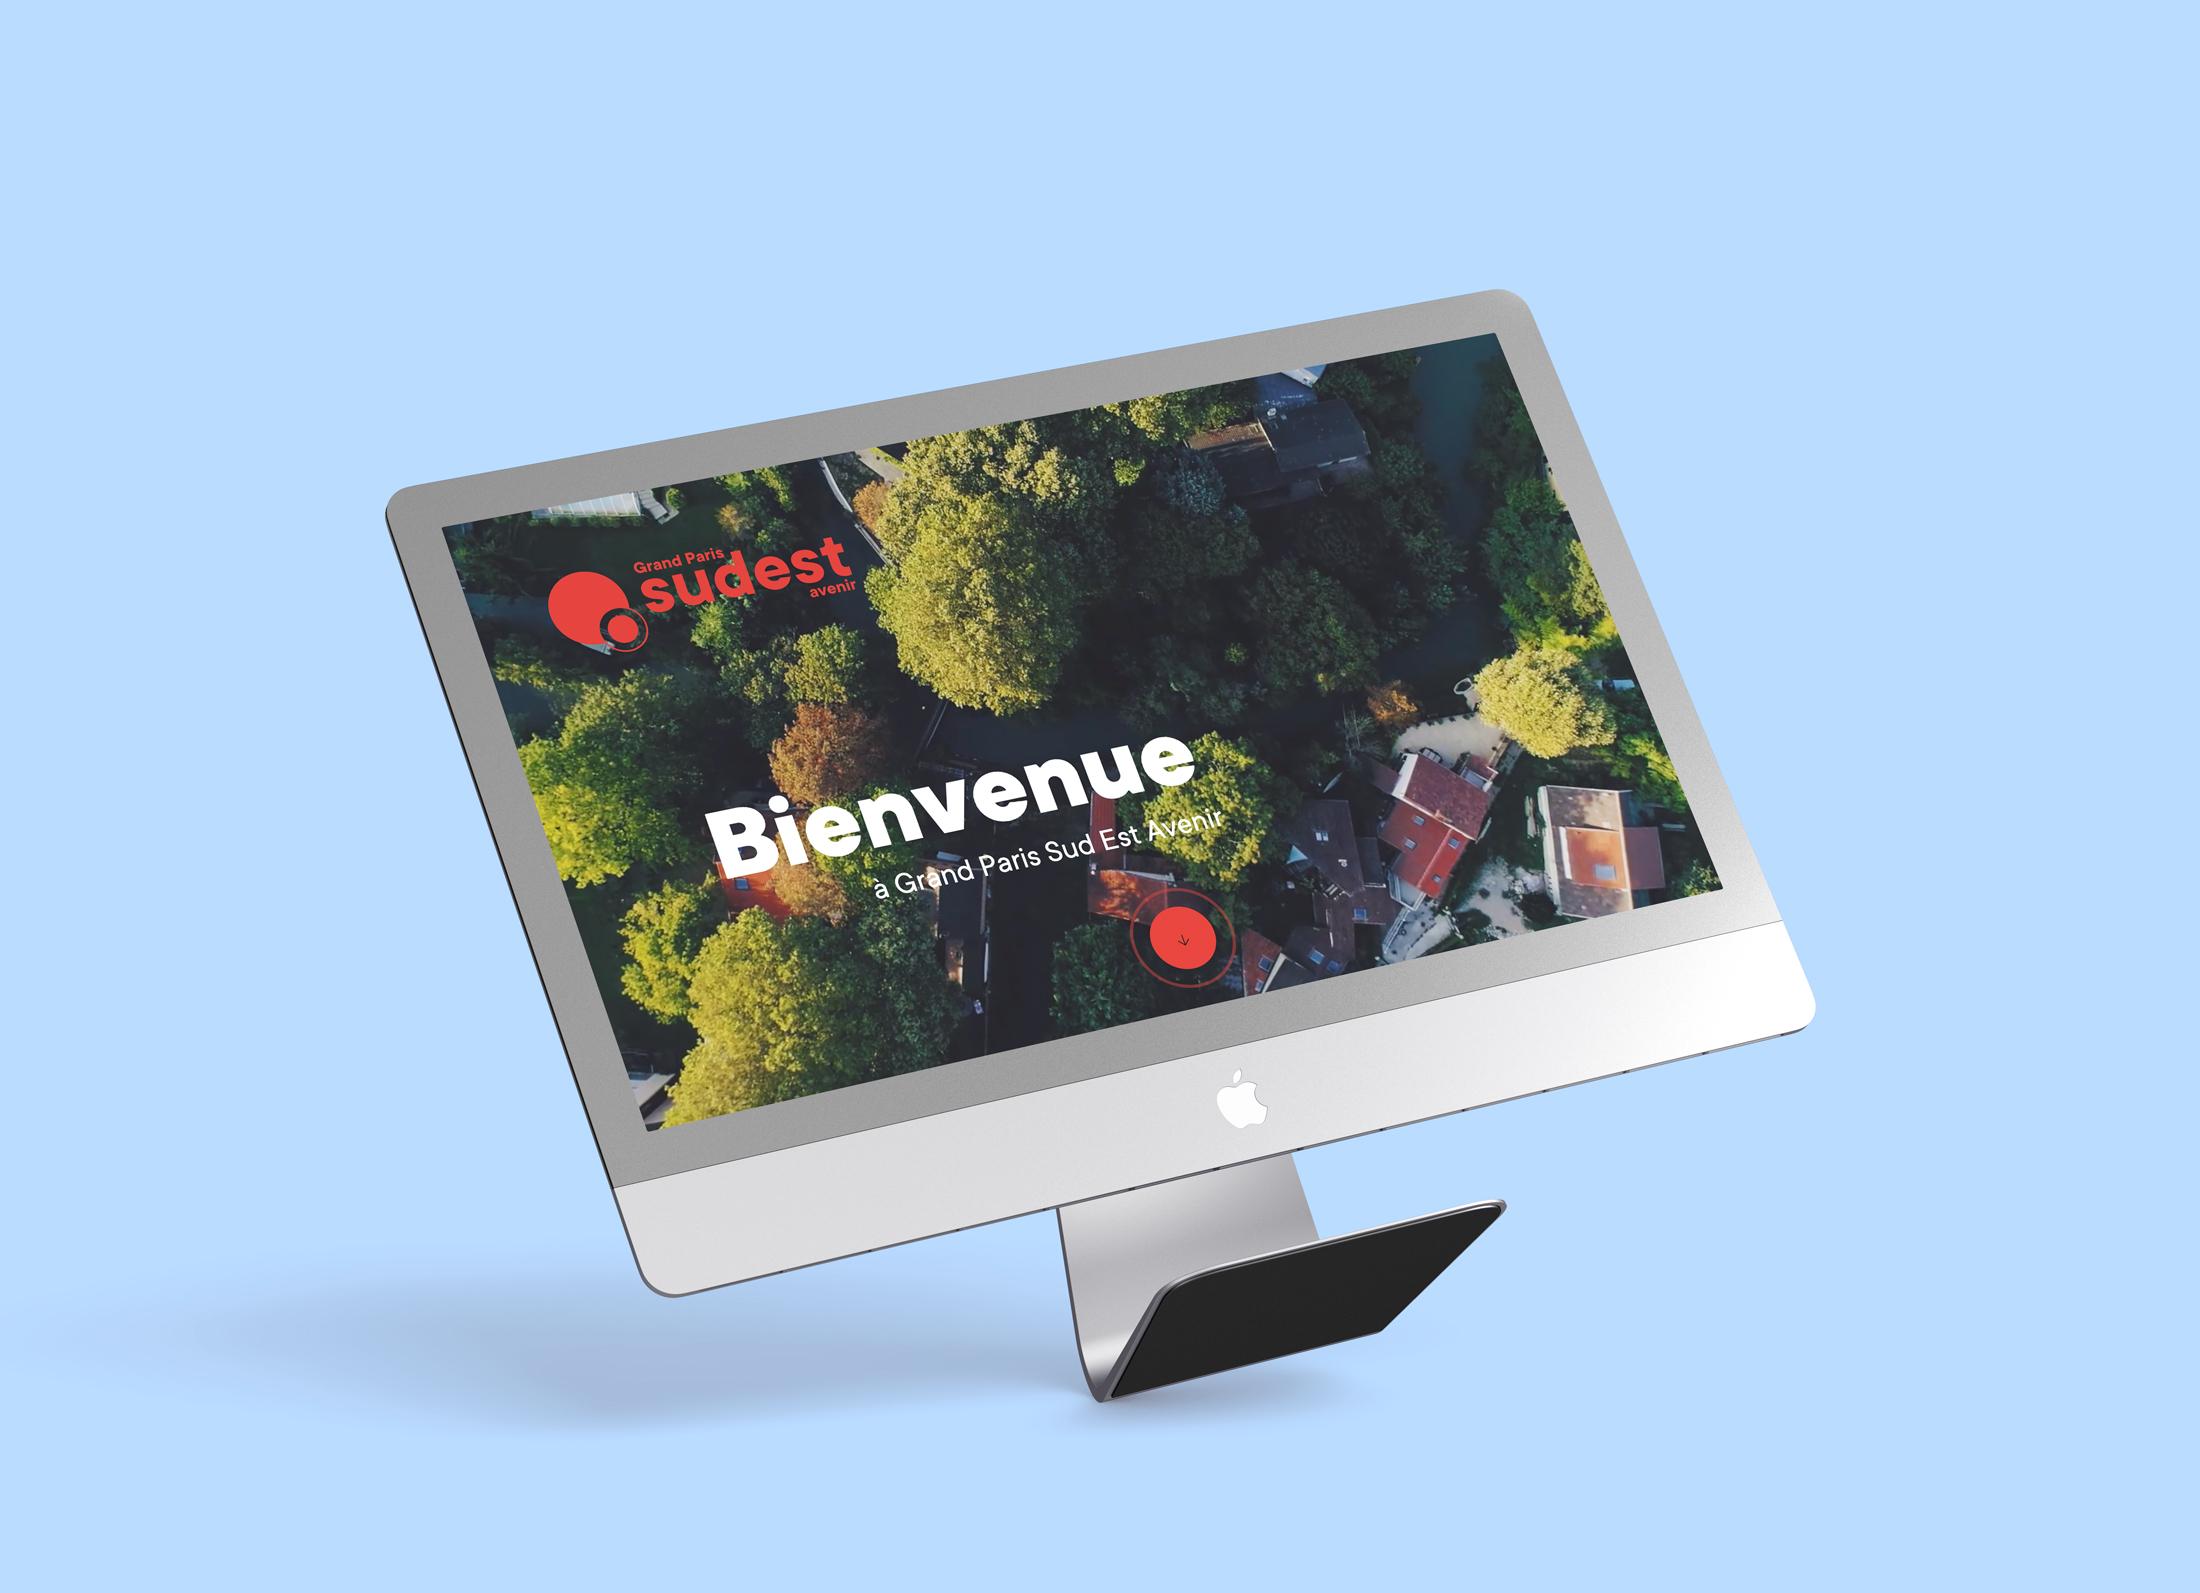 Sud Est Avenir web home page